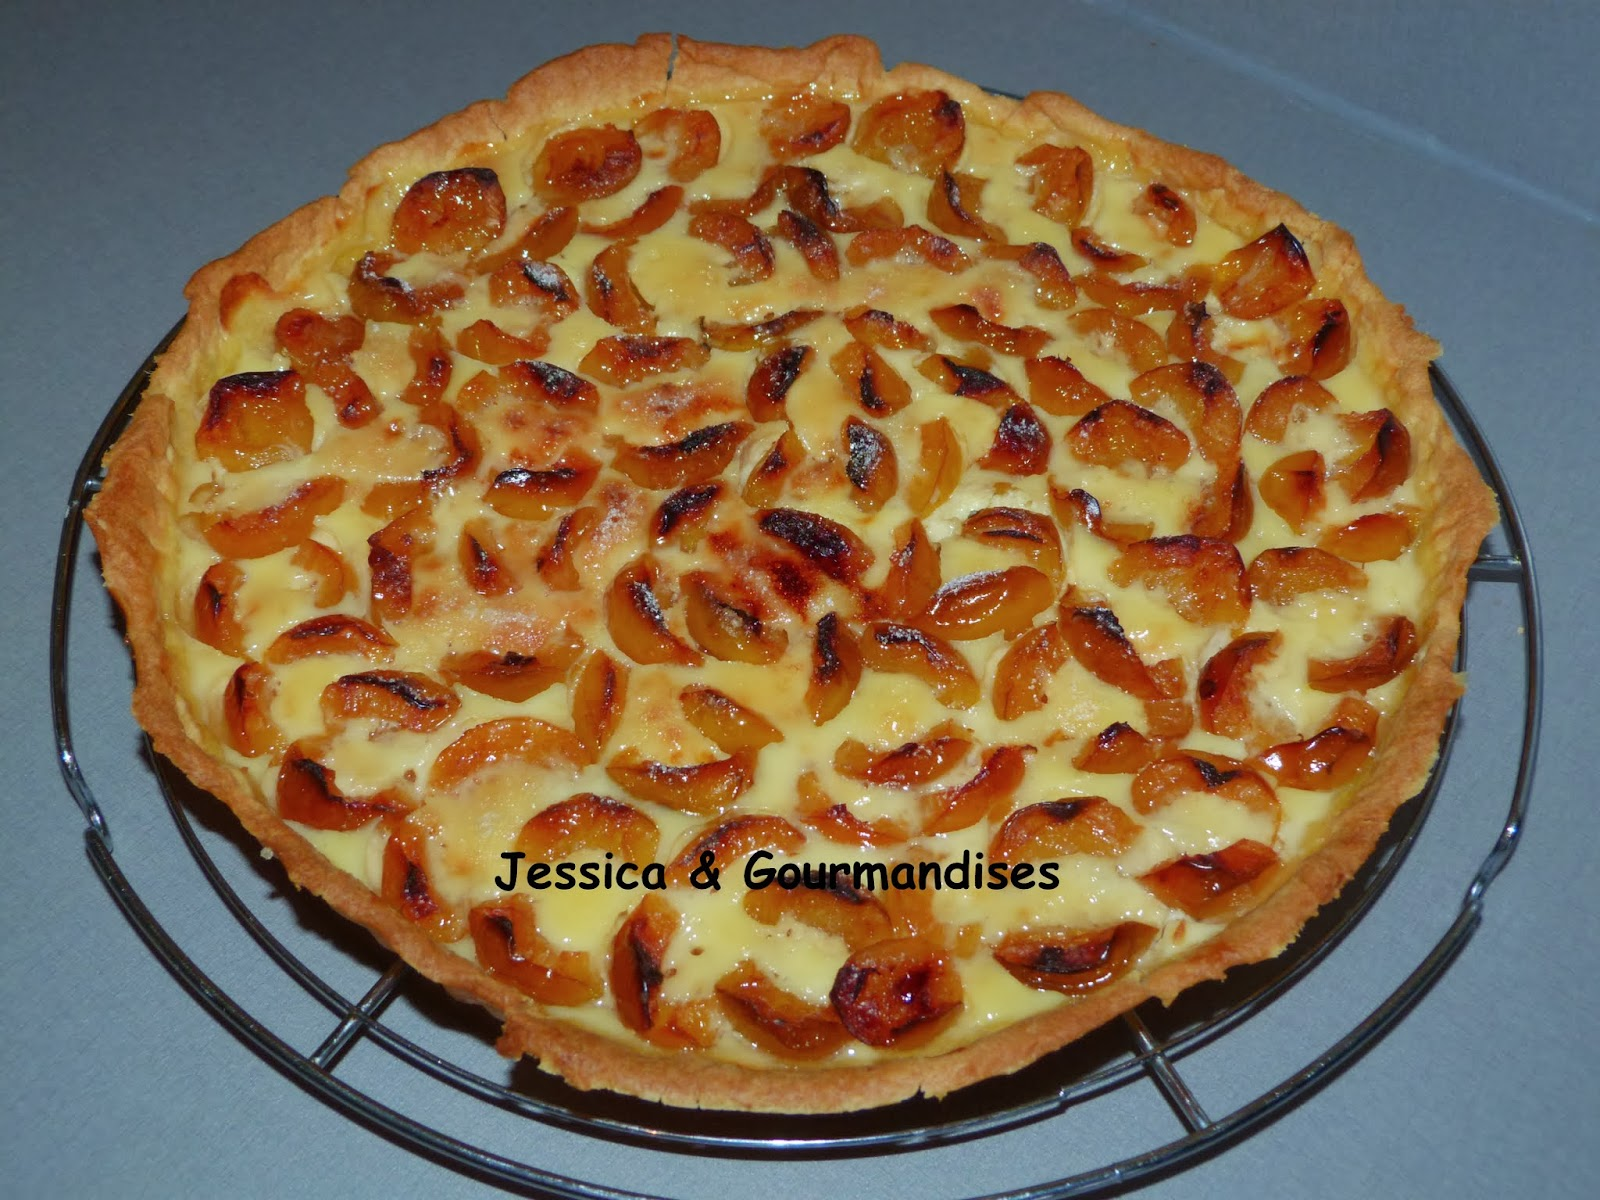 Jessica gourmandises tarte aux mirabelles - Recette tarte normande traditionnelle ...